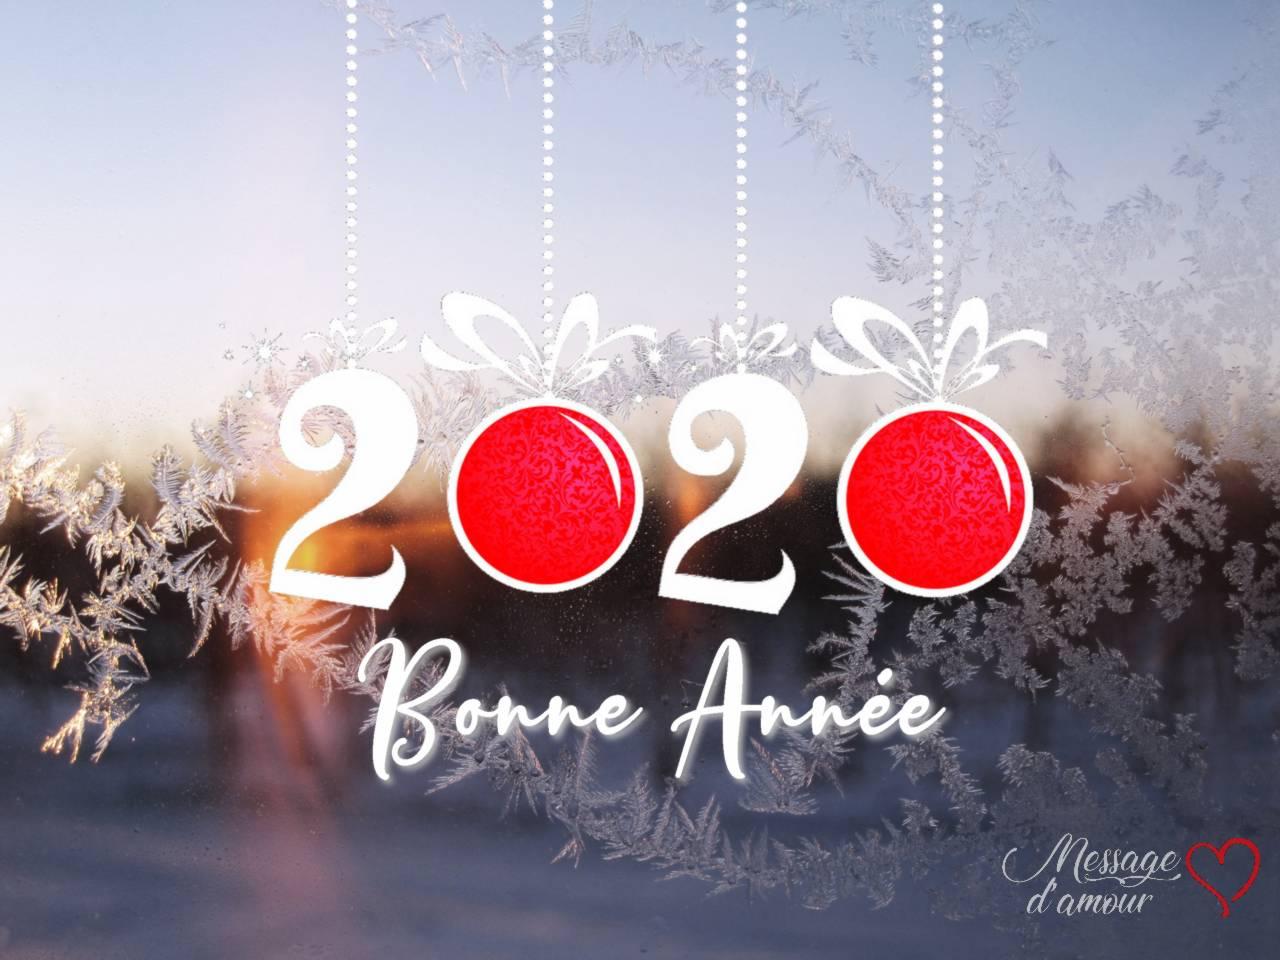 Sms Bonne Année 2020 Message Damour